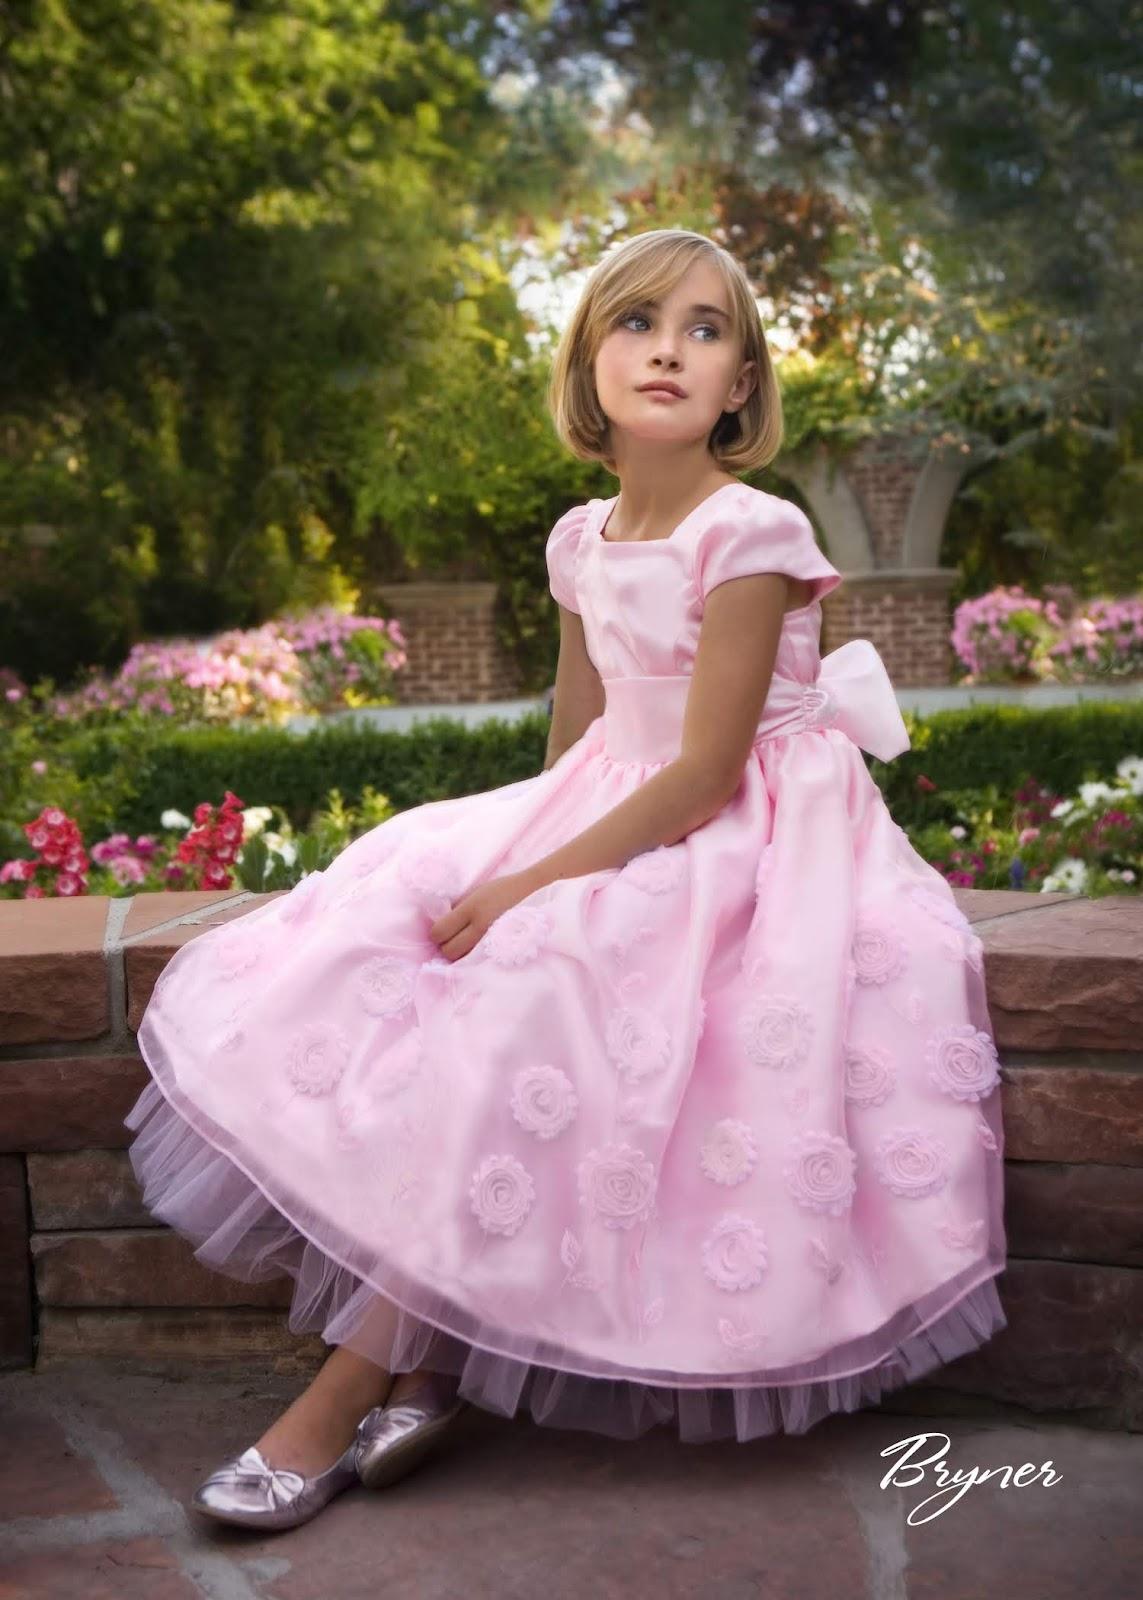 Chelda Model Pictures Images S Filmvz Portal